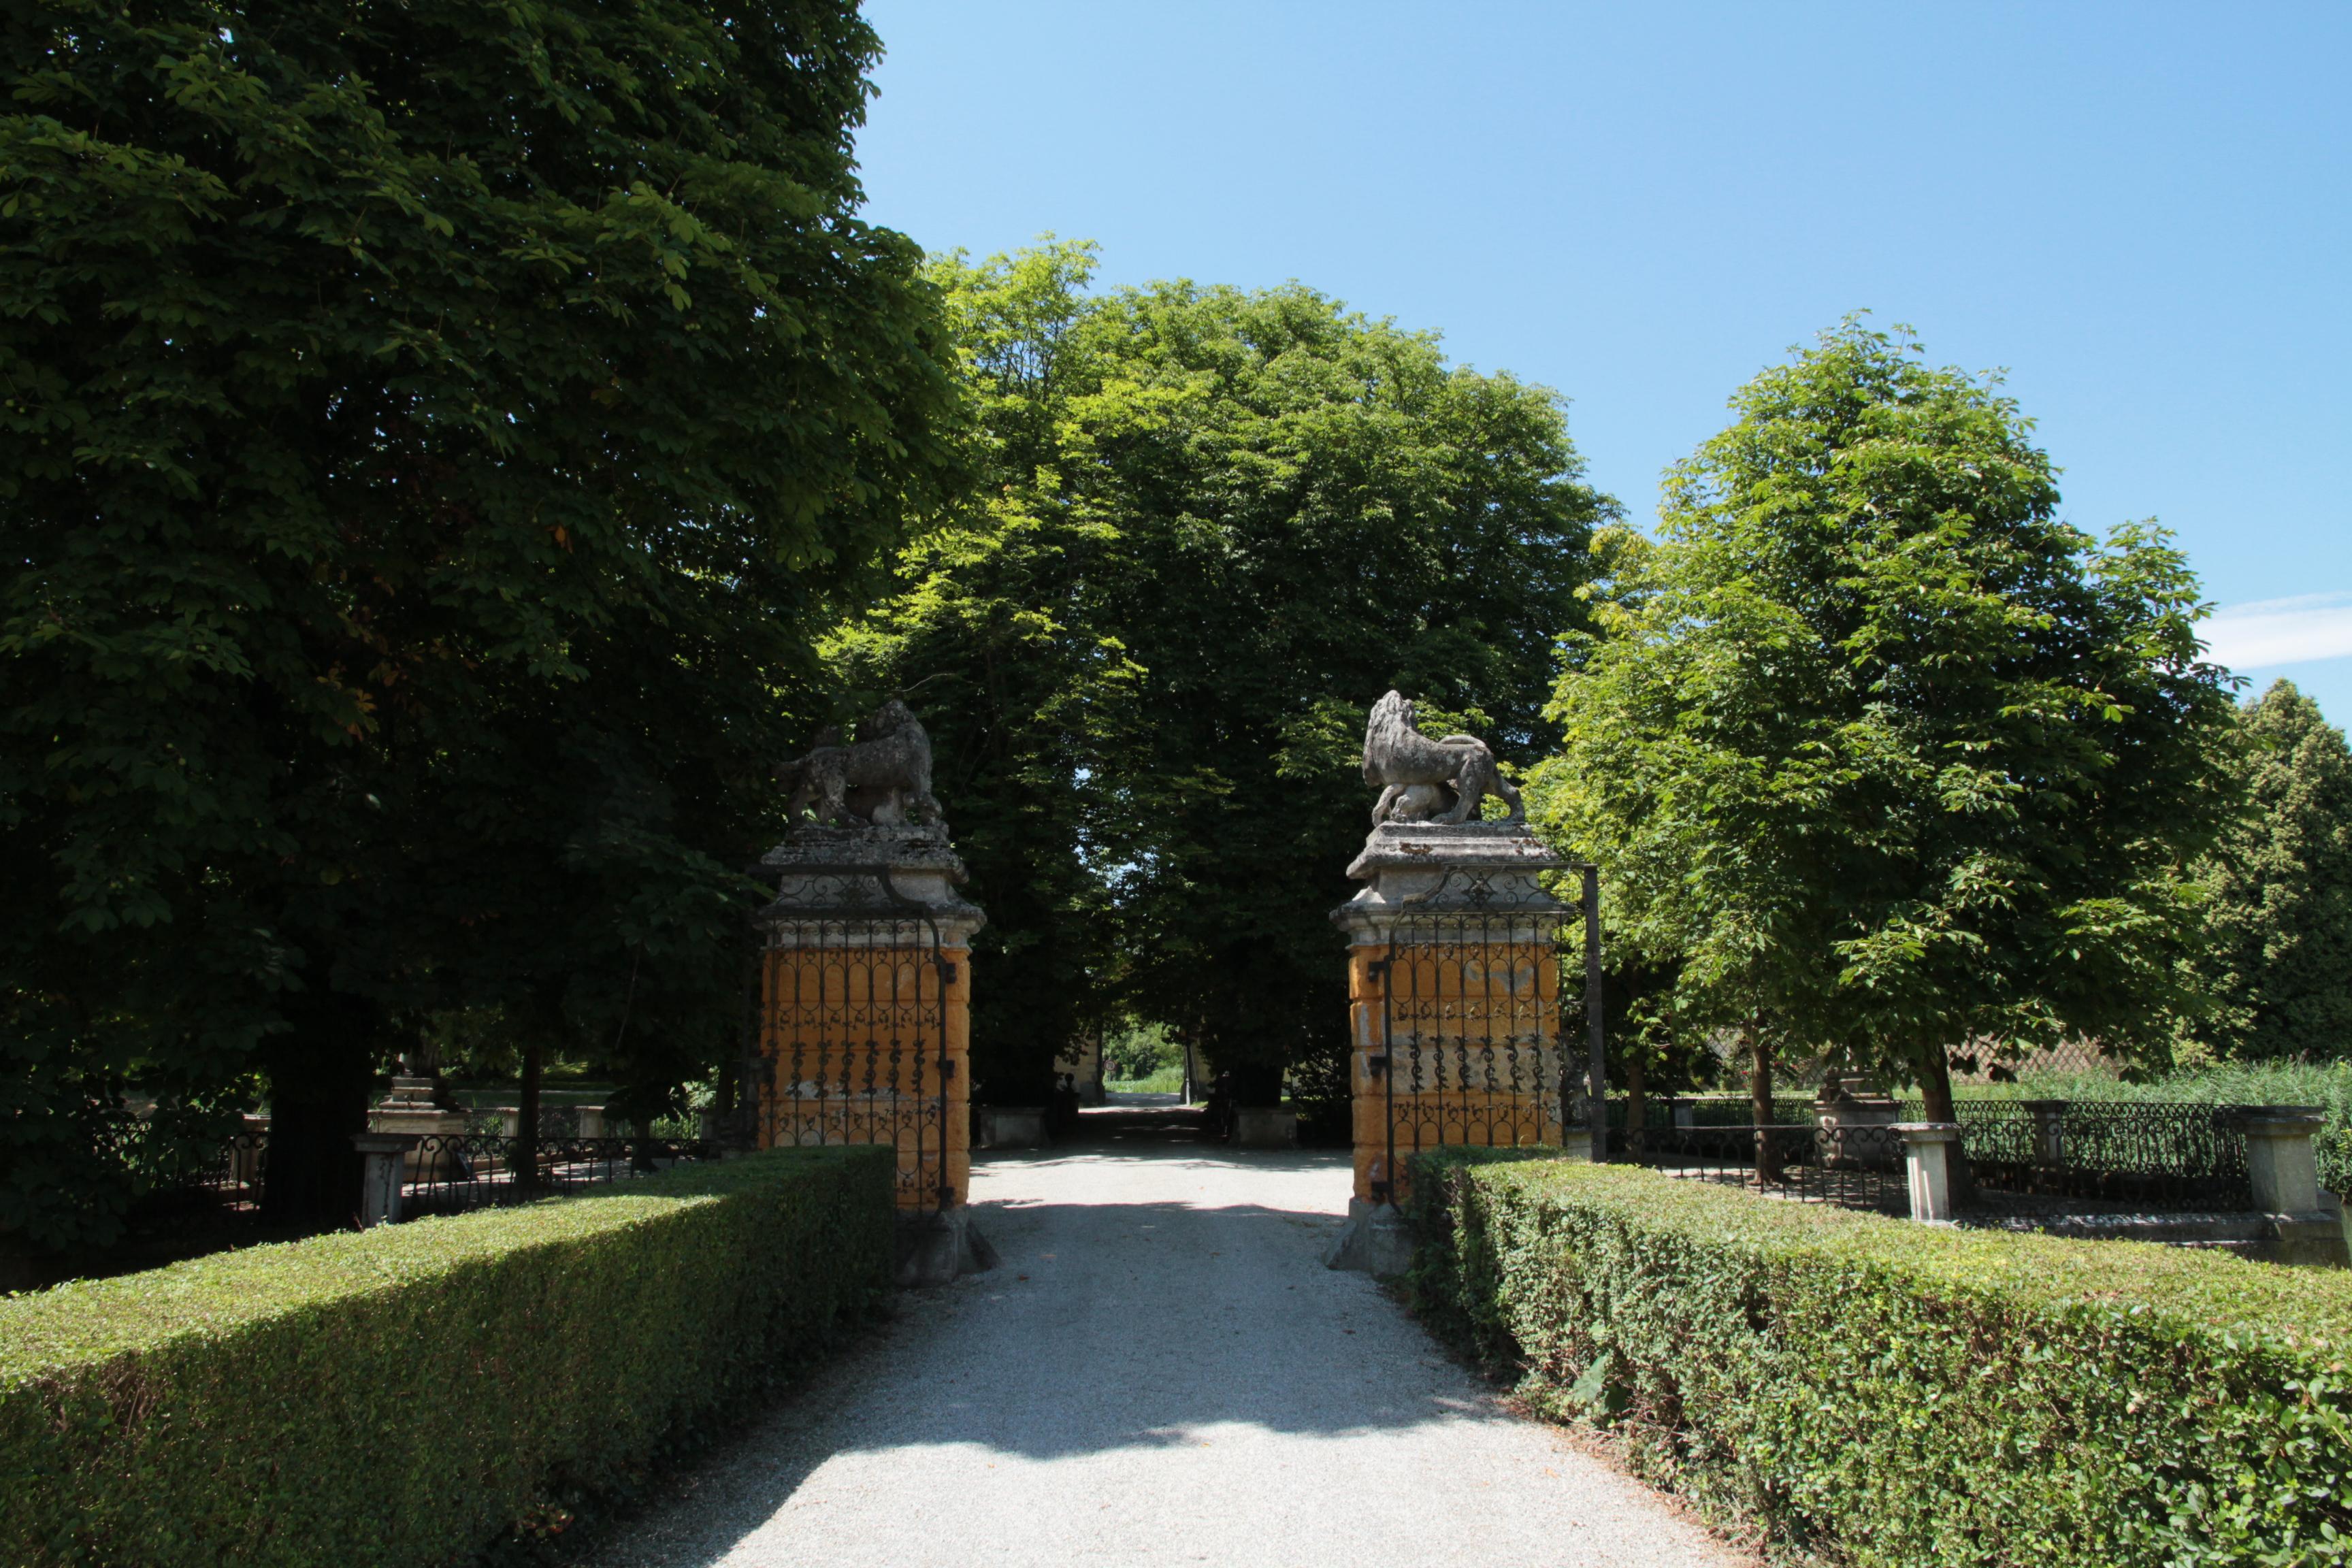 Appartement de vacances Luxuriöses, einzigartiges barockes Schloss, aufwendig eingerichtet (2306589), St. Pölten, Mostviertel, Basse Autriche, Autriche, image 7